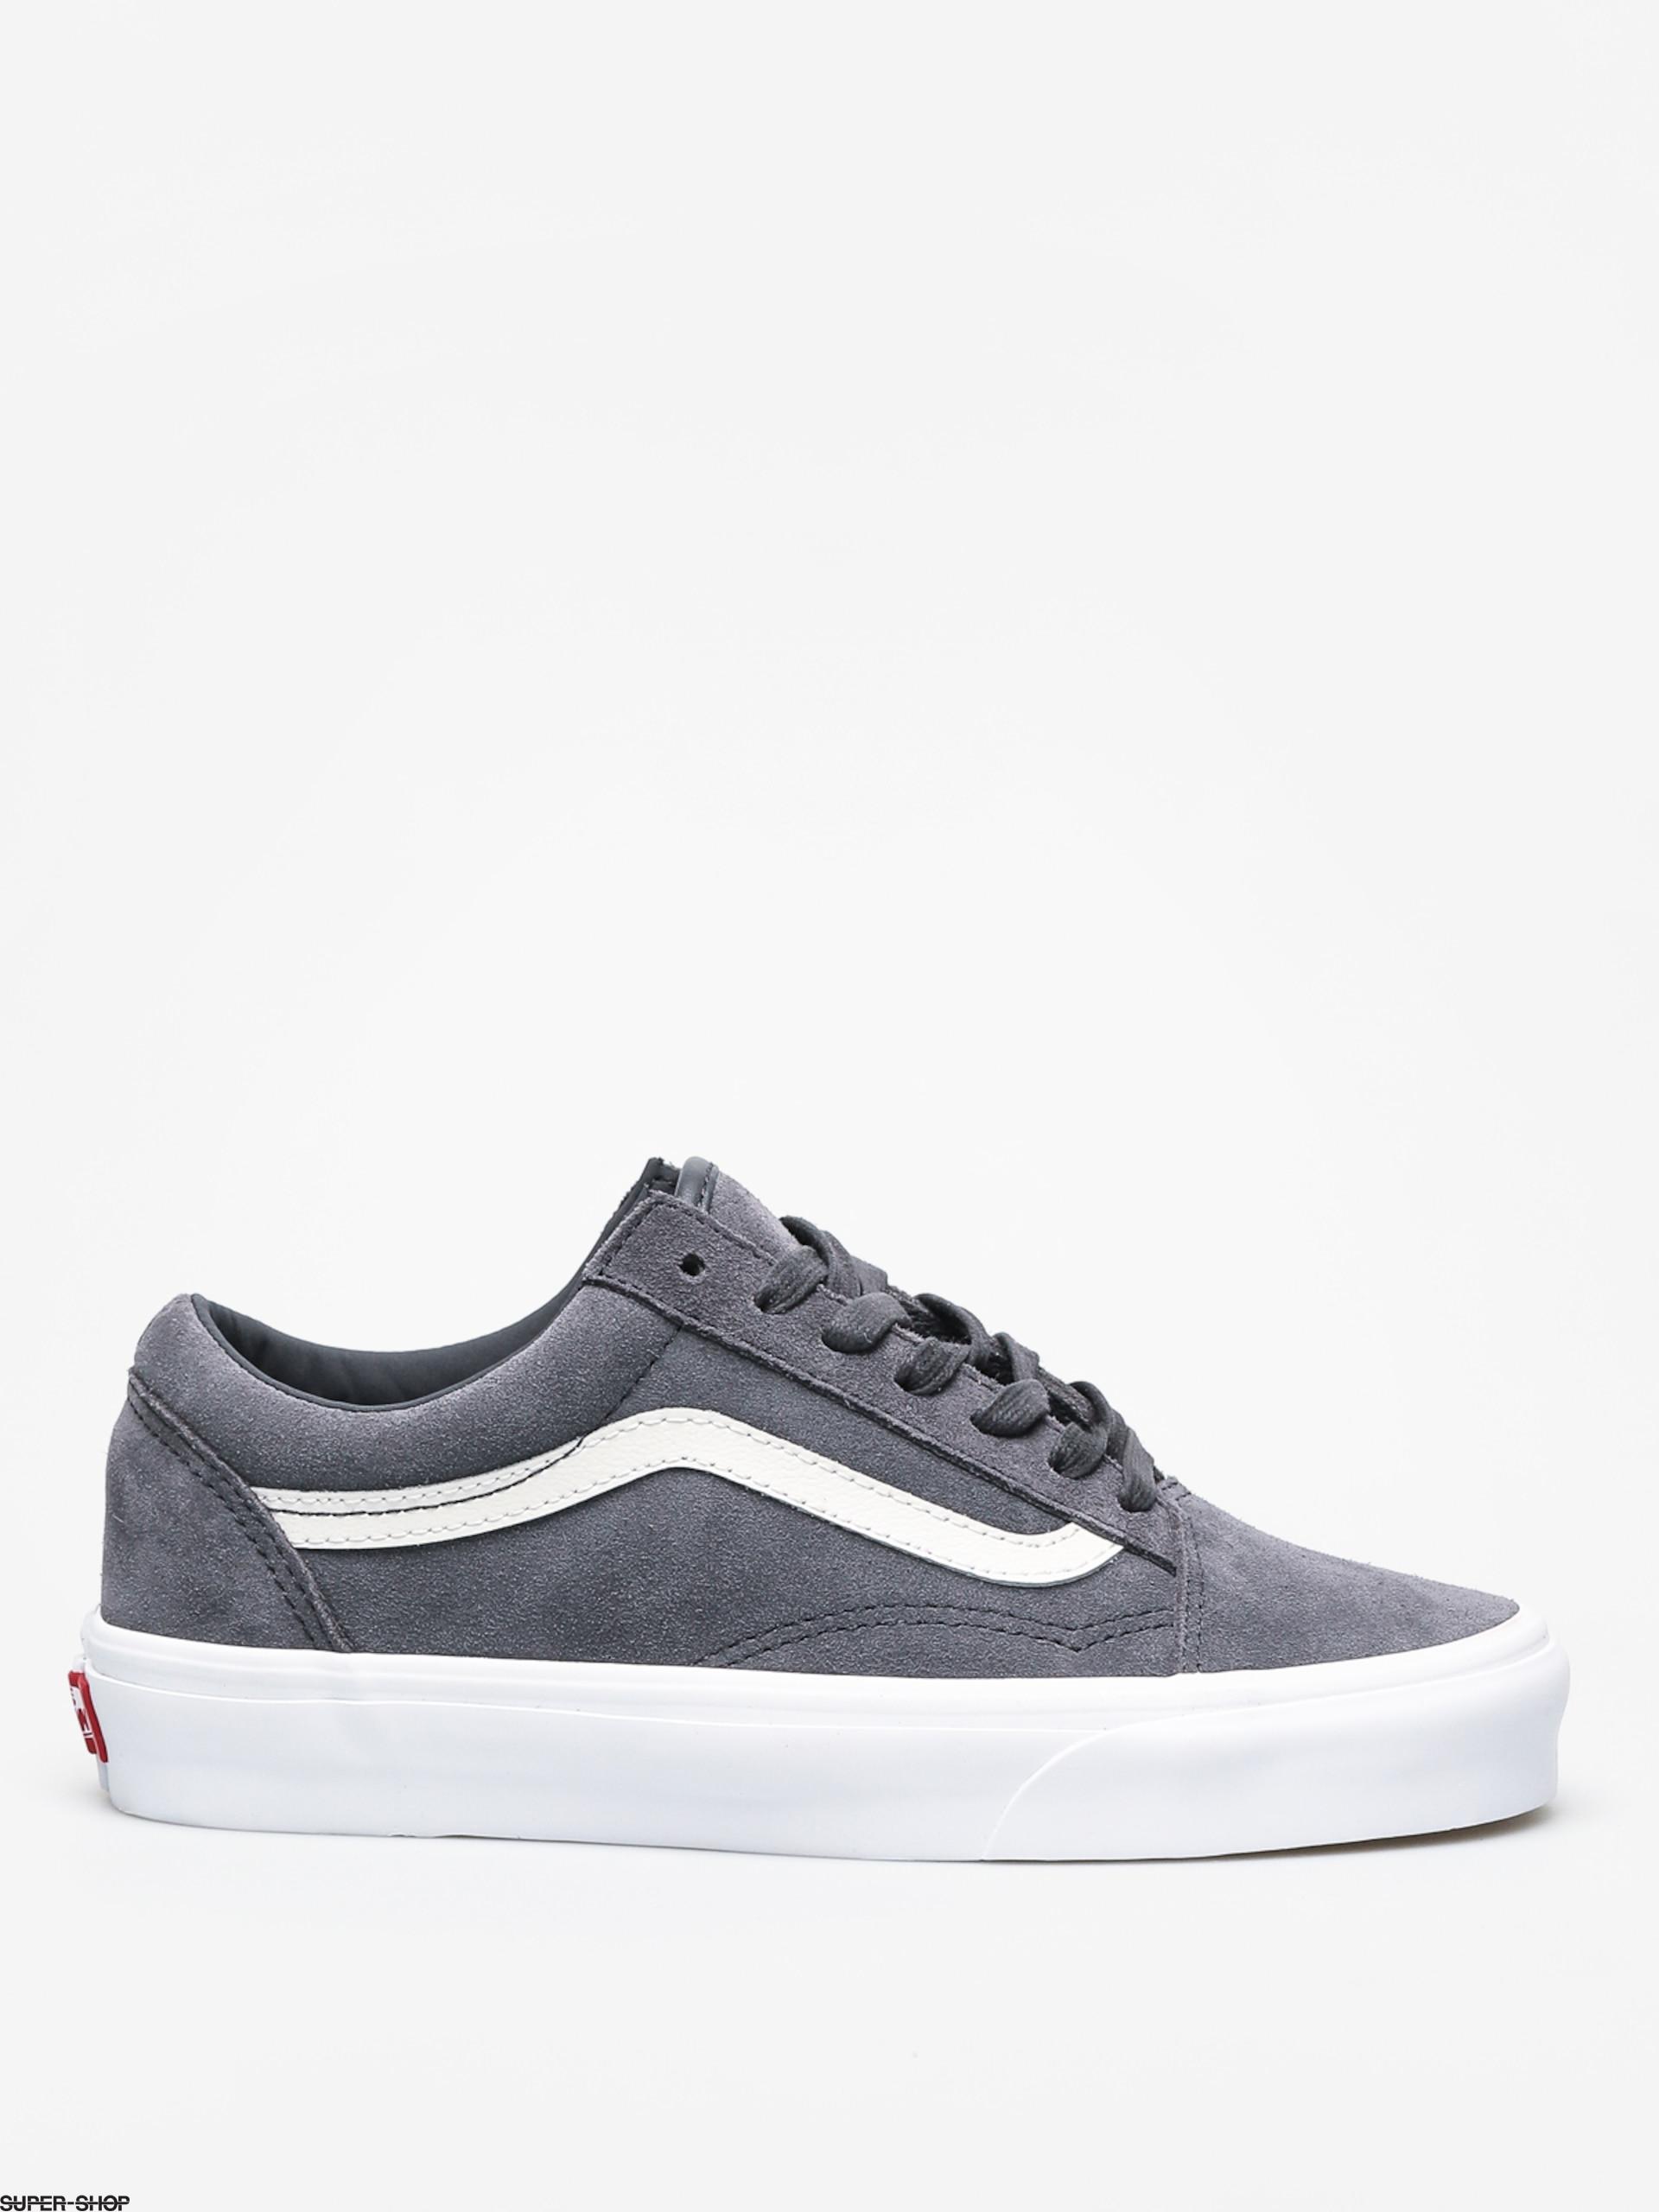 Vans Old Skool Shoes (soft suede)